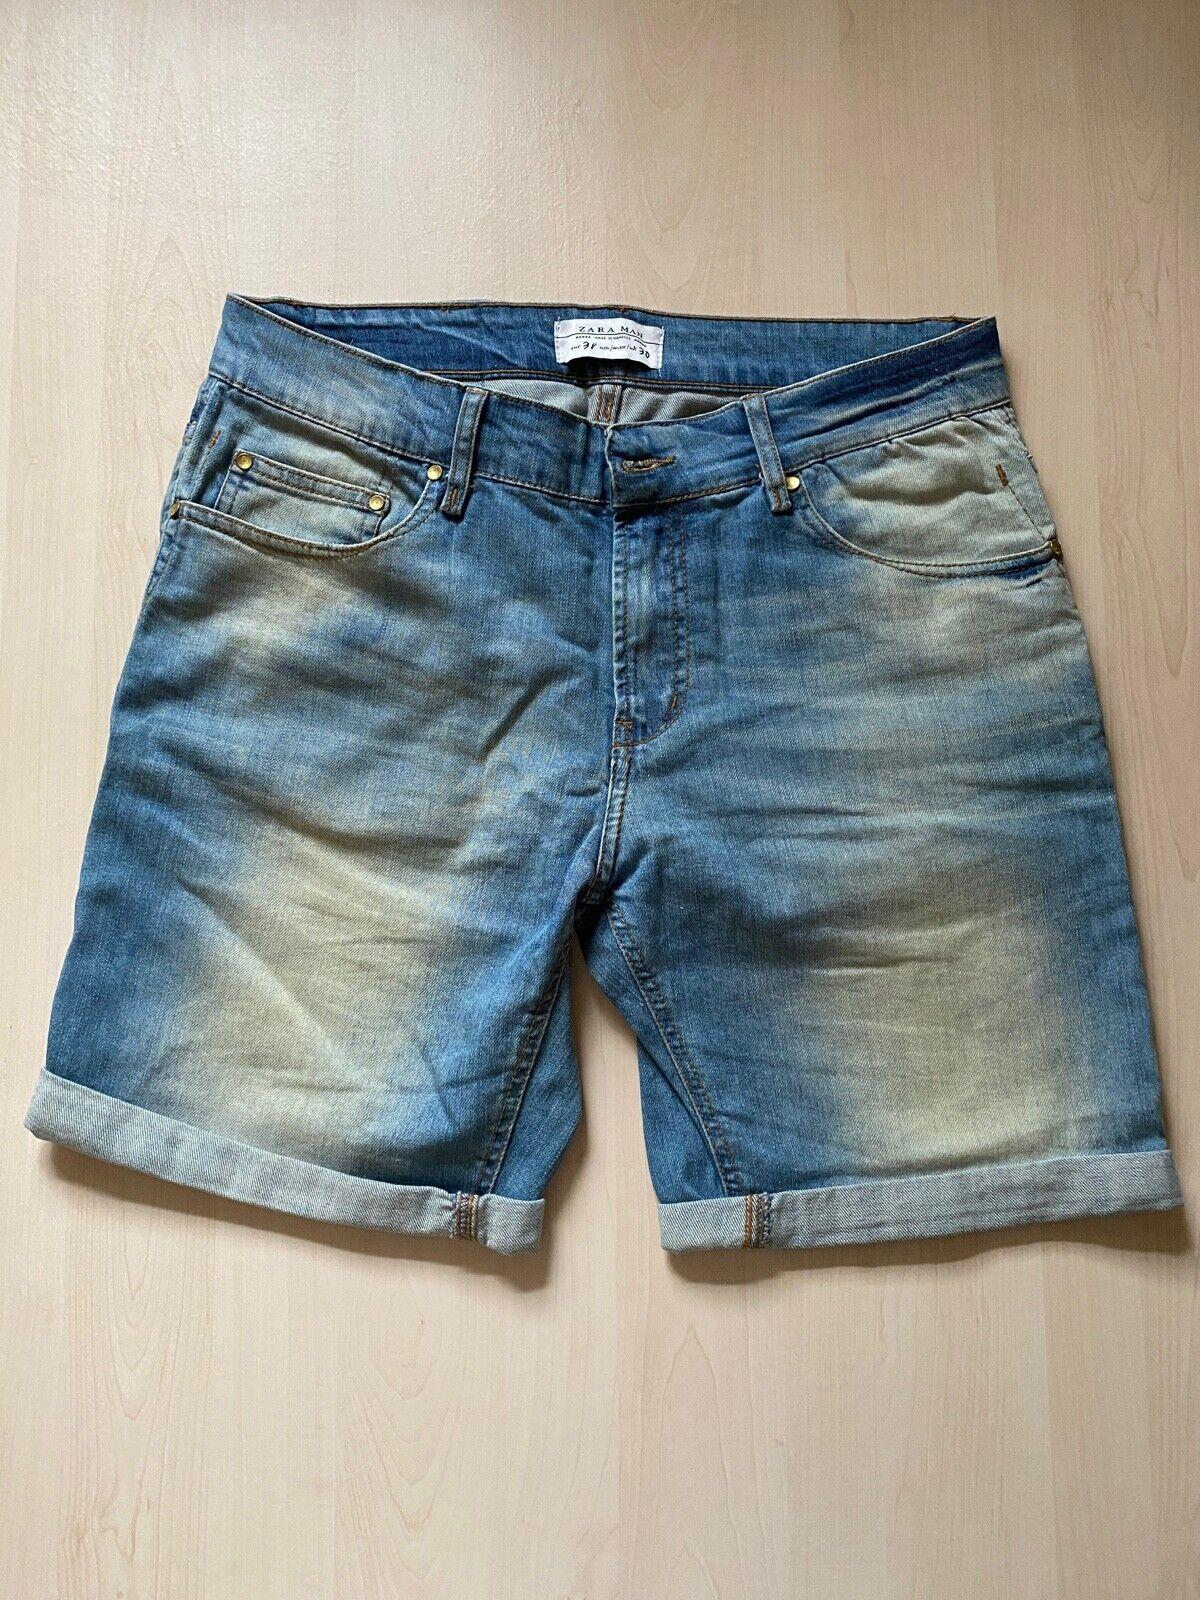 Kurze Herren Jeans Hose Gr. 38 (Zara) entspr. Gr. S Baumwolle